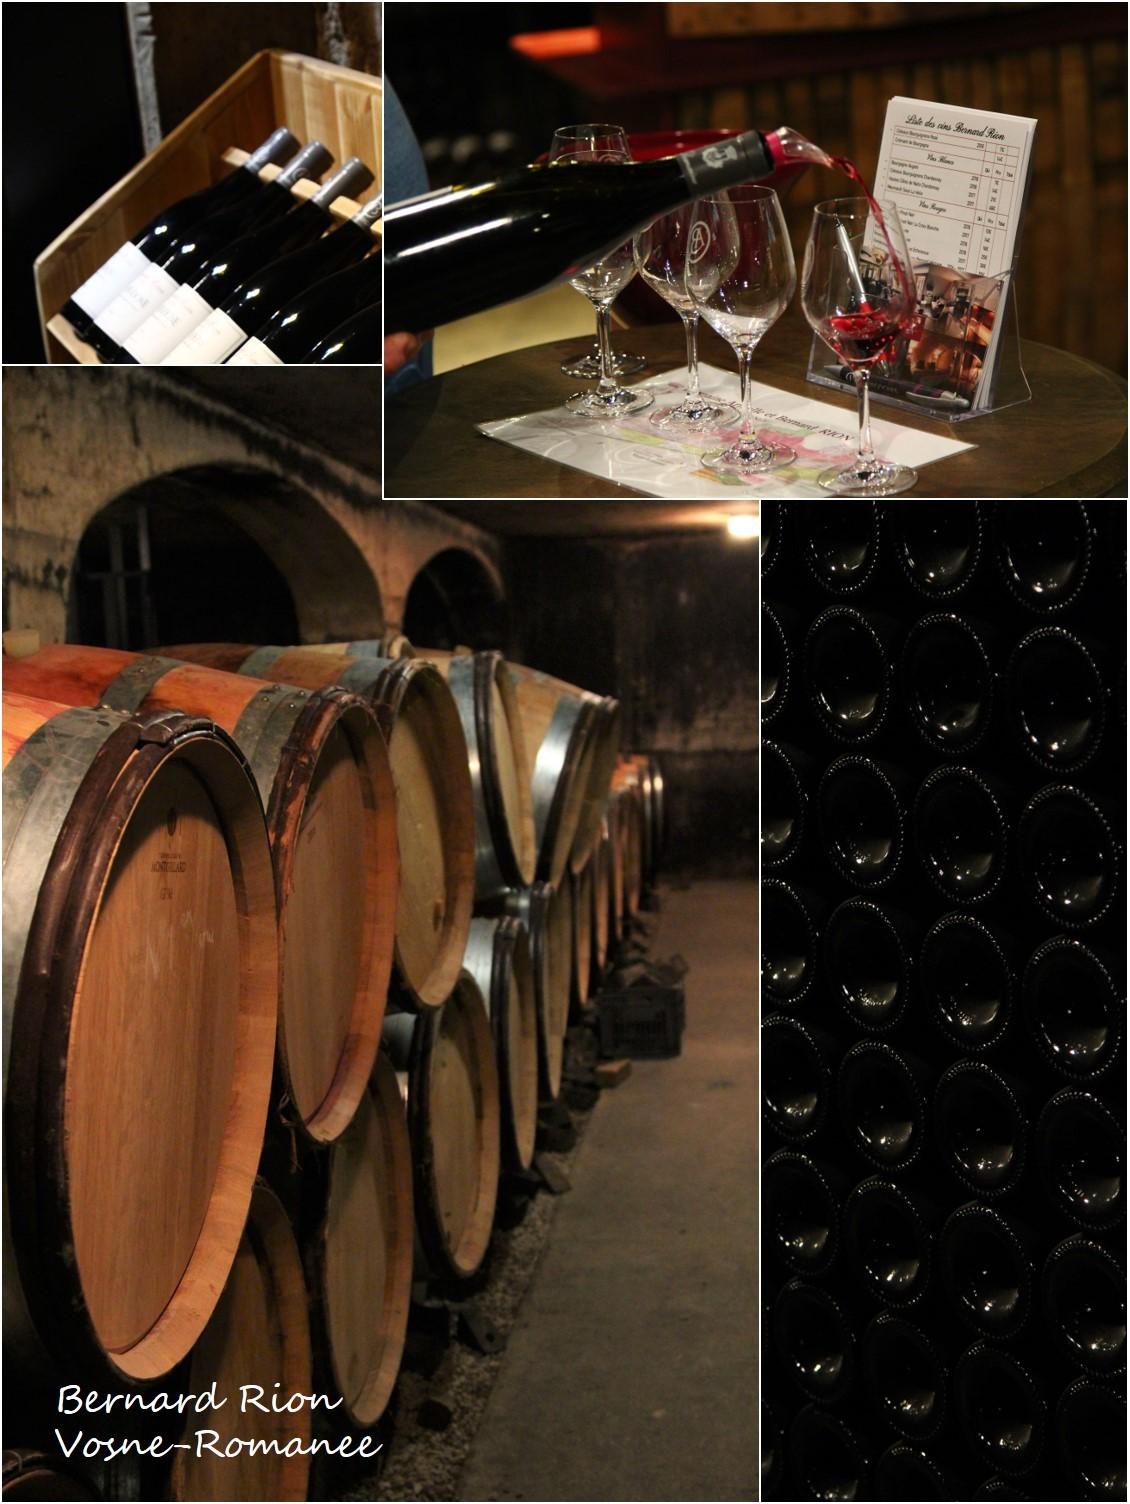 ブルゴーニュ ワイン旅_a0107981_15571584.jpg